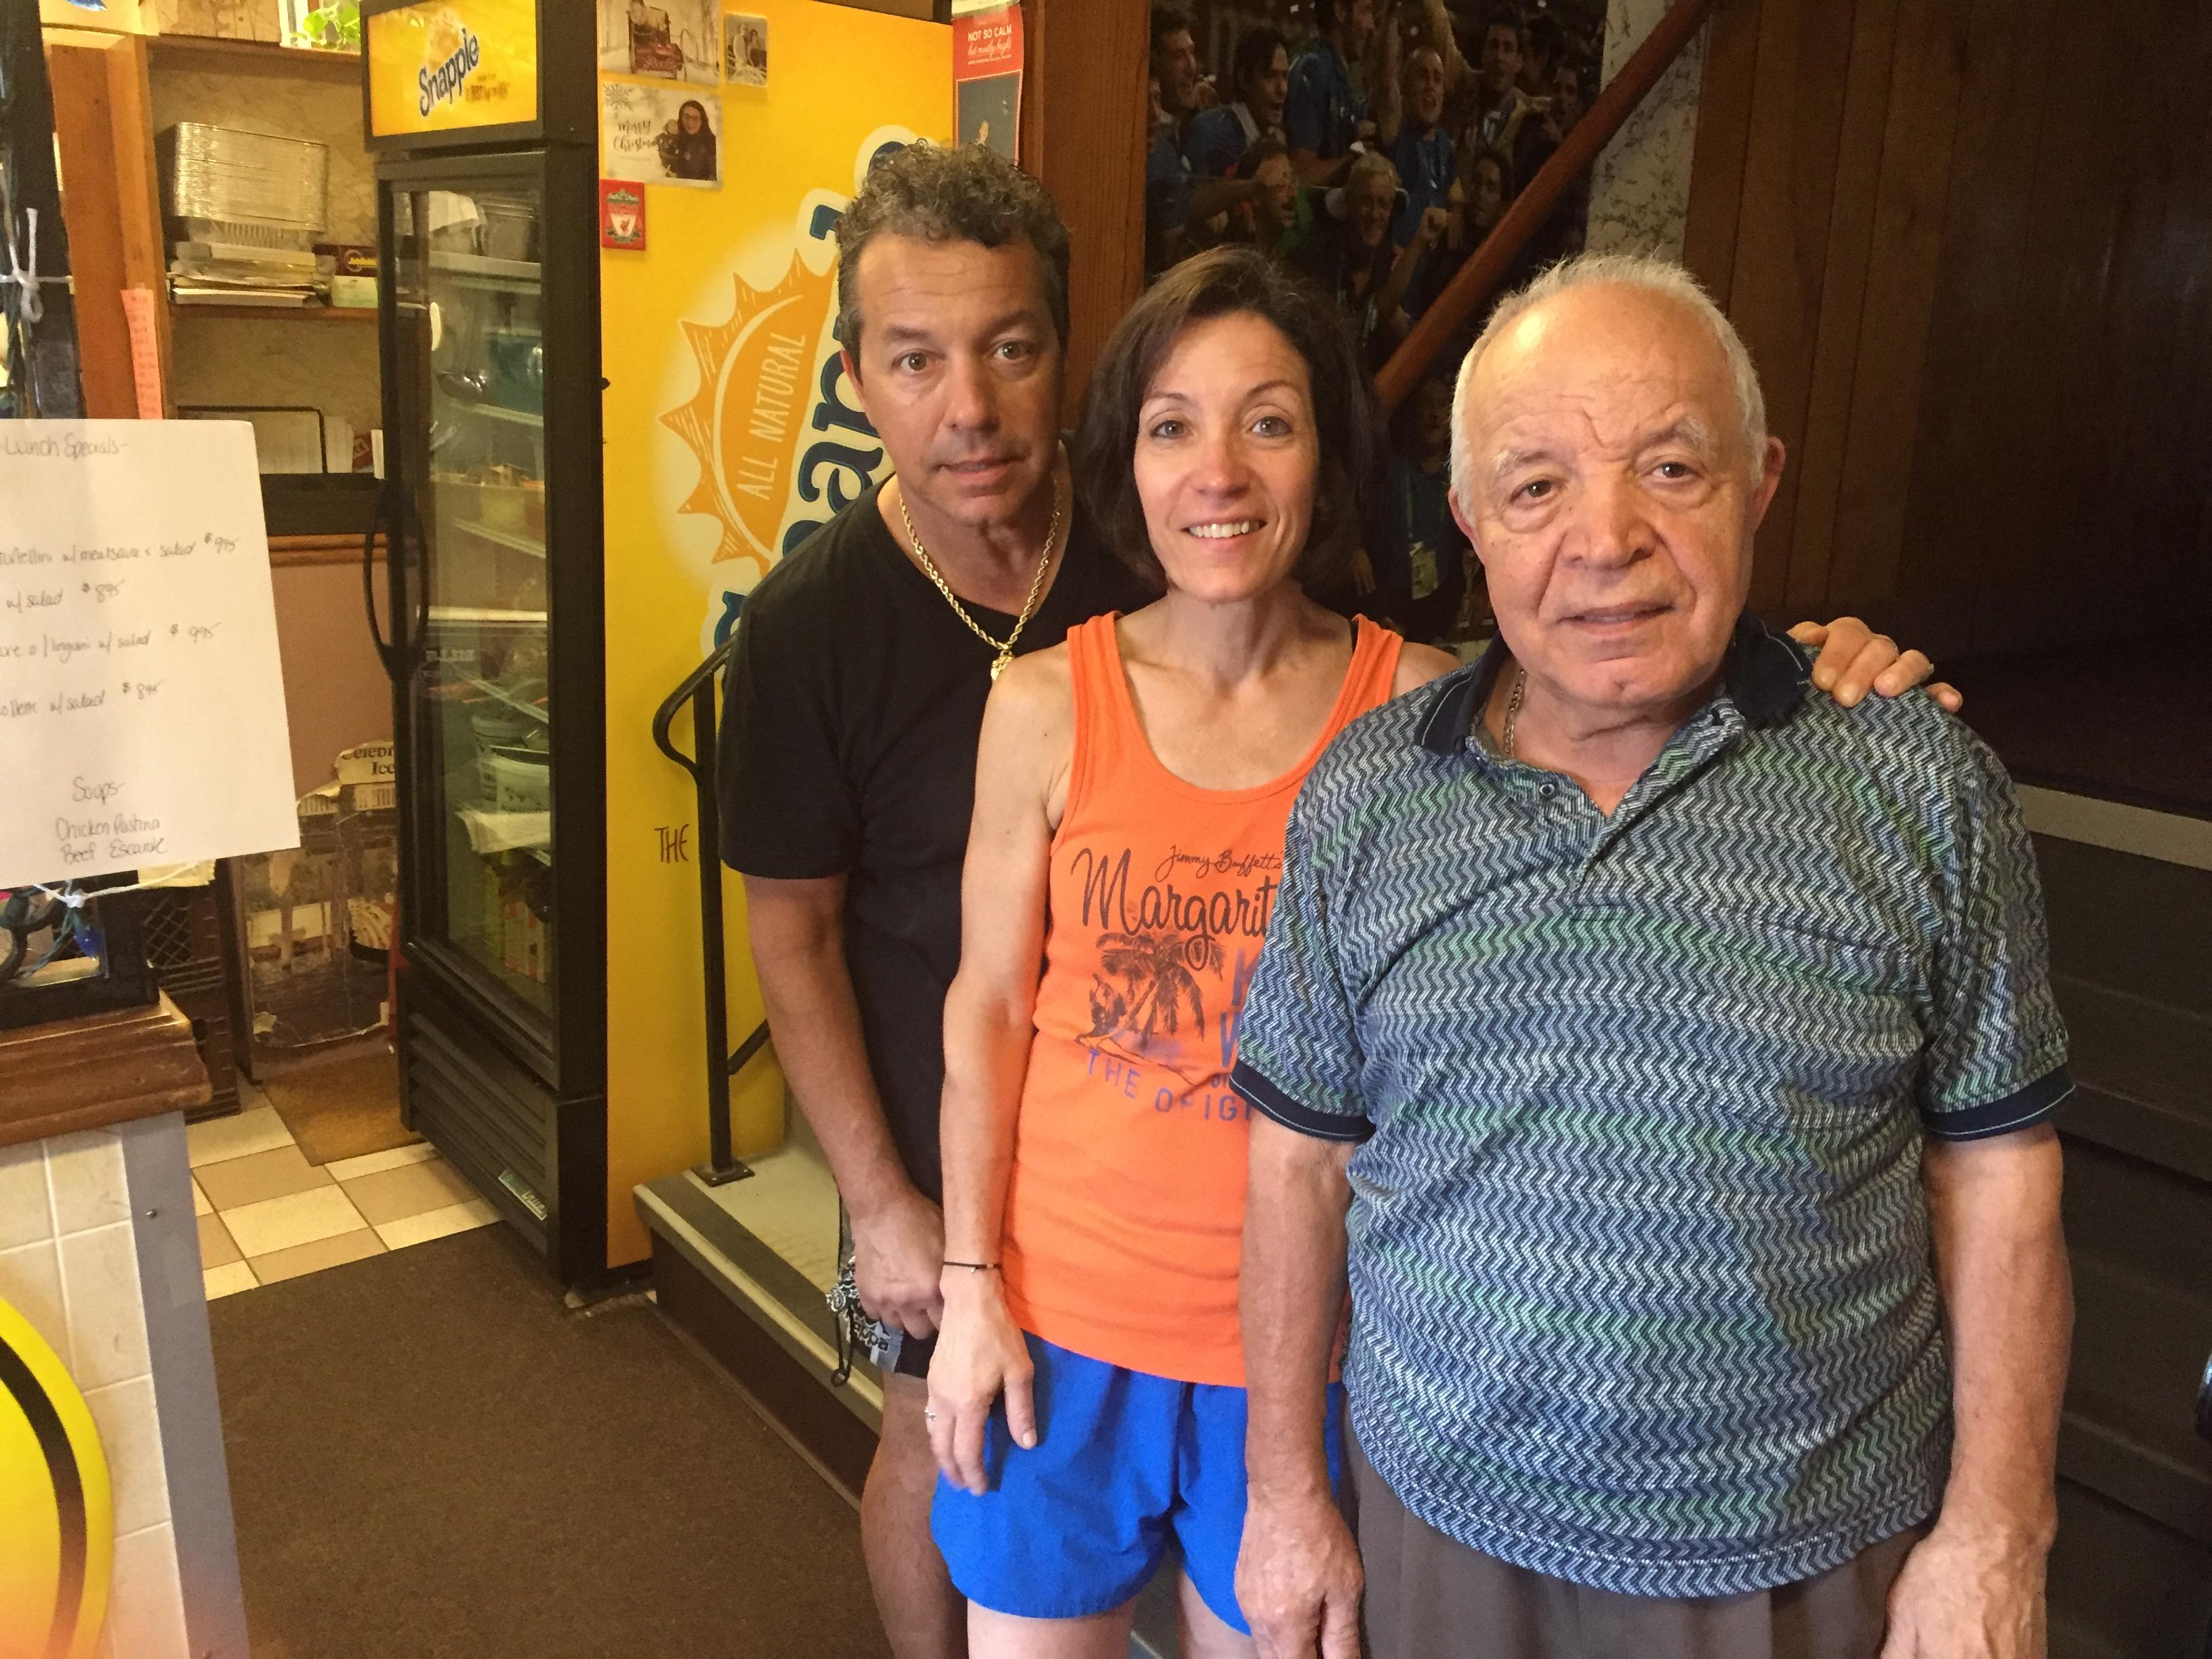 the angotti family